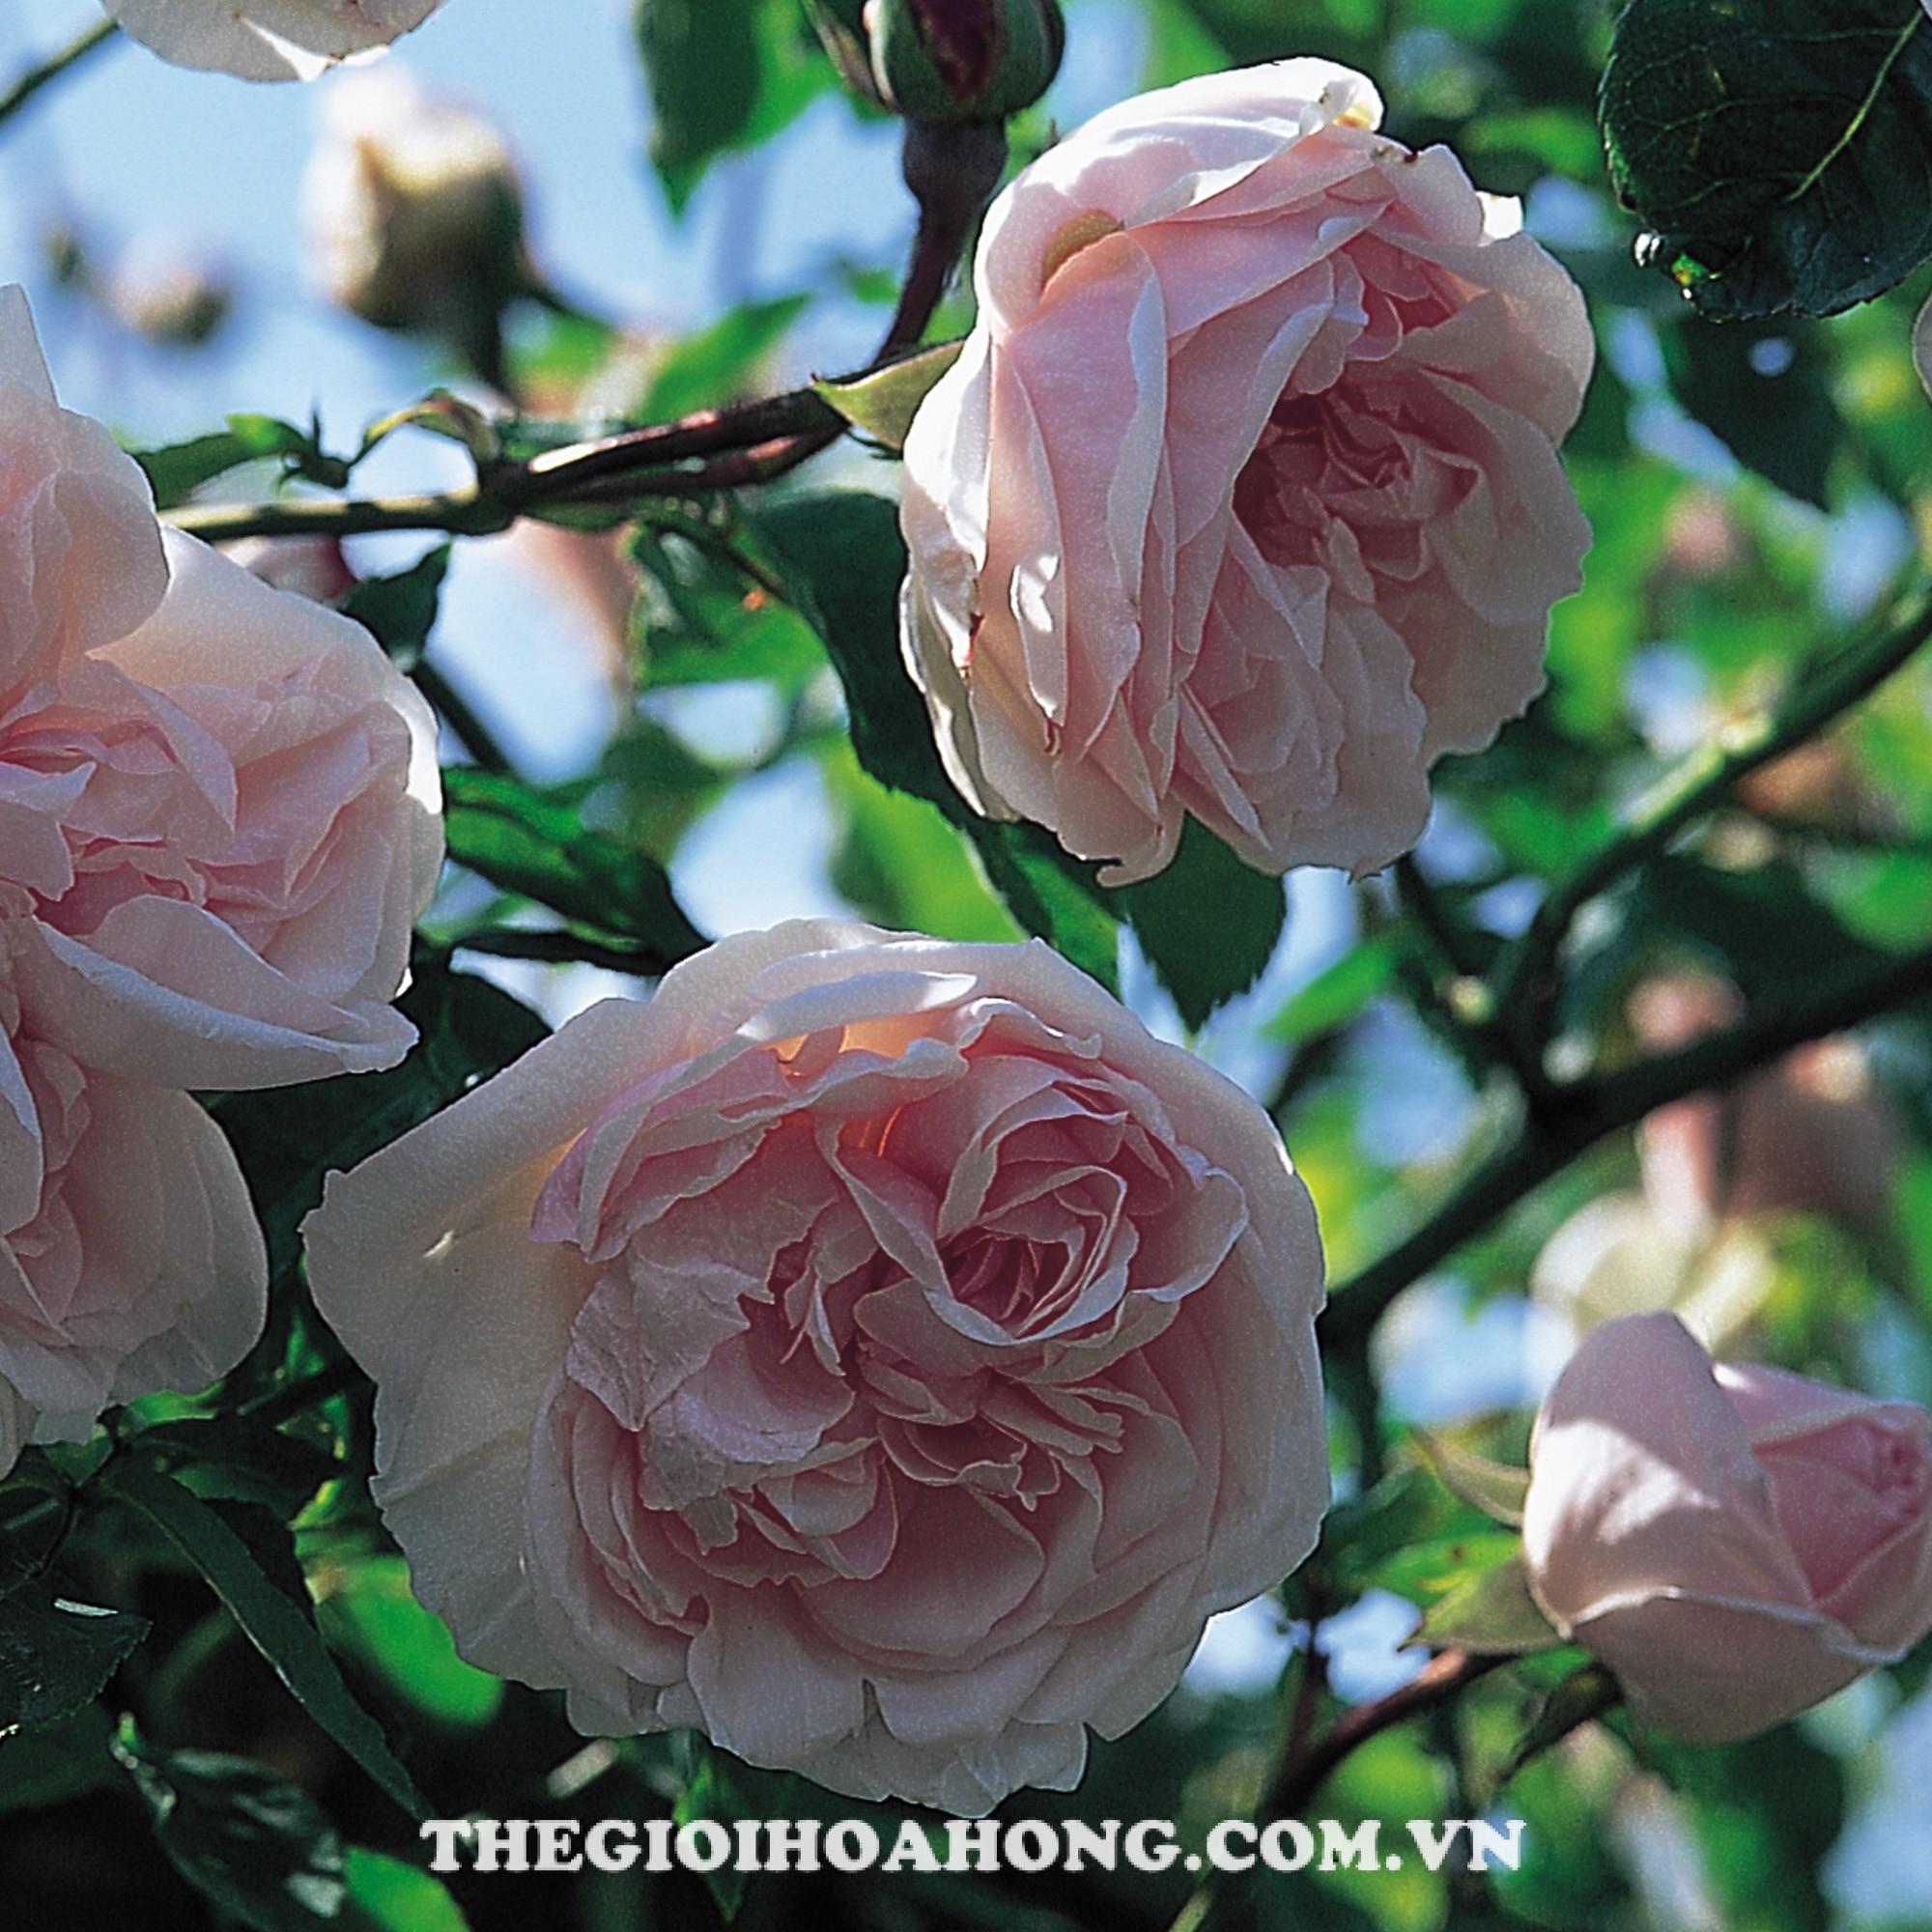 Hoa hồng bụi souvenir de malmarson